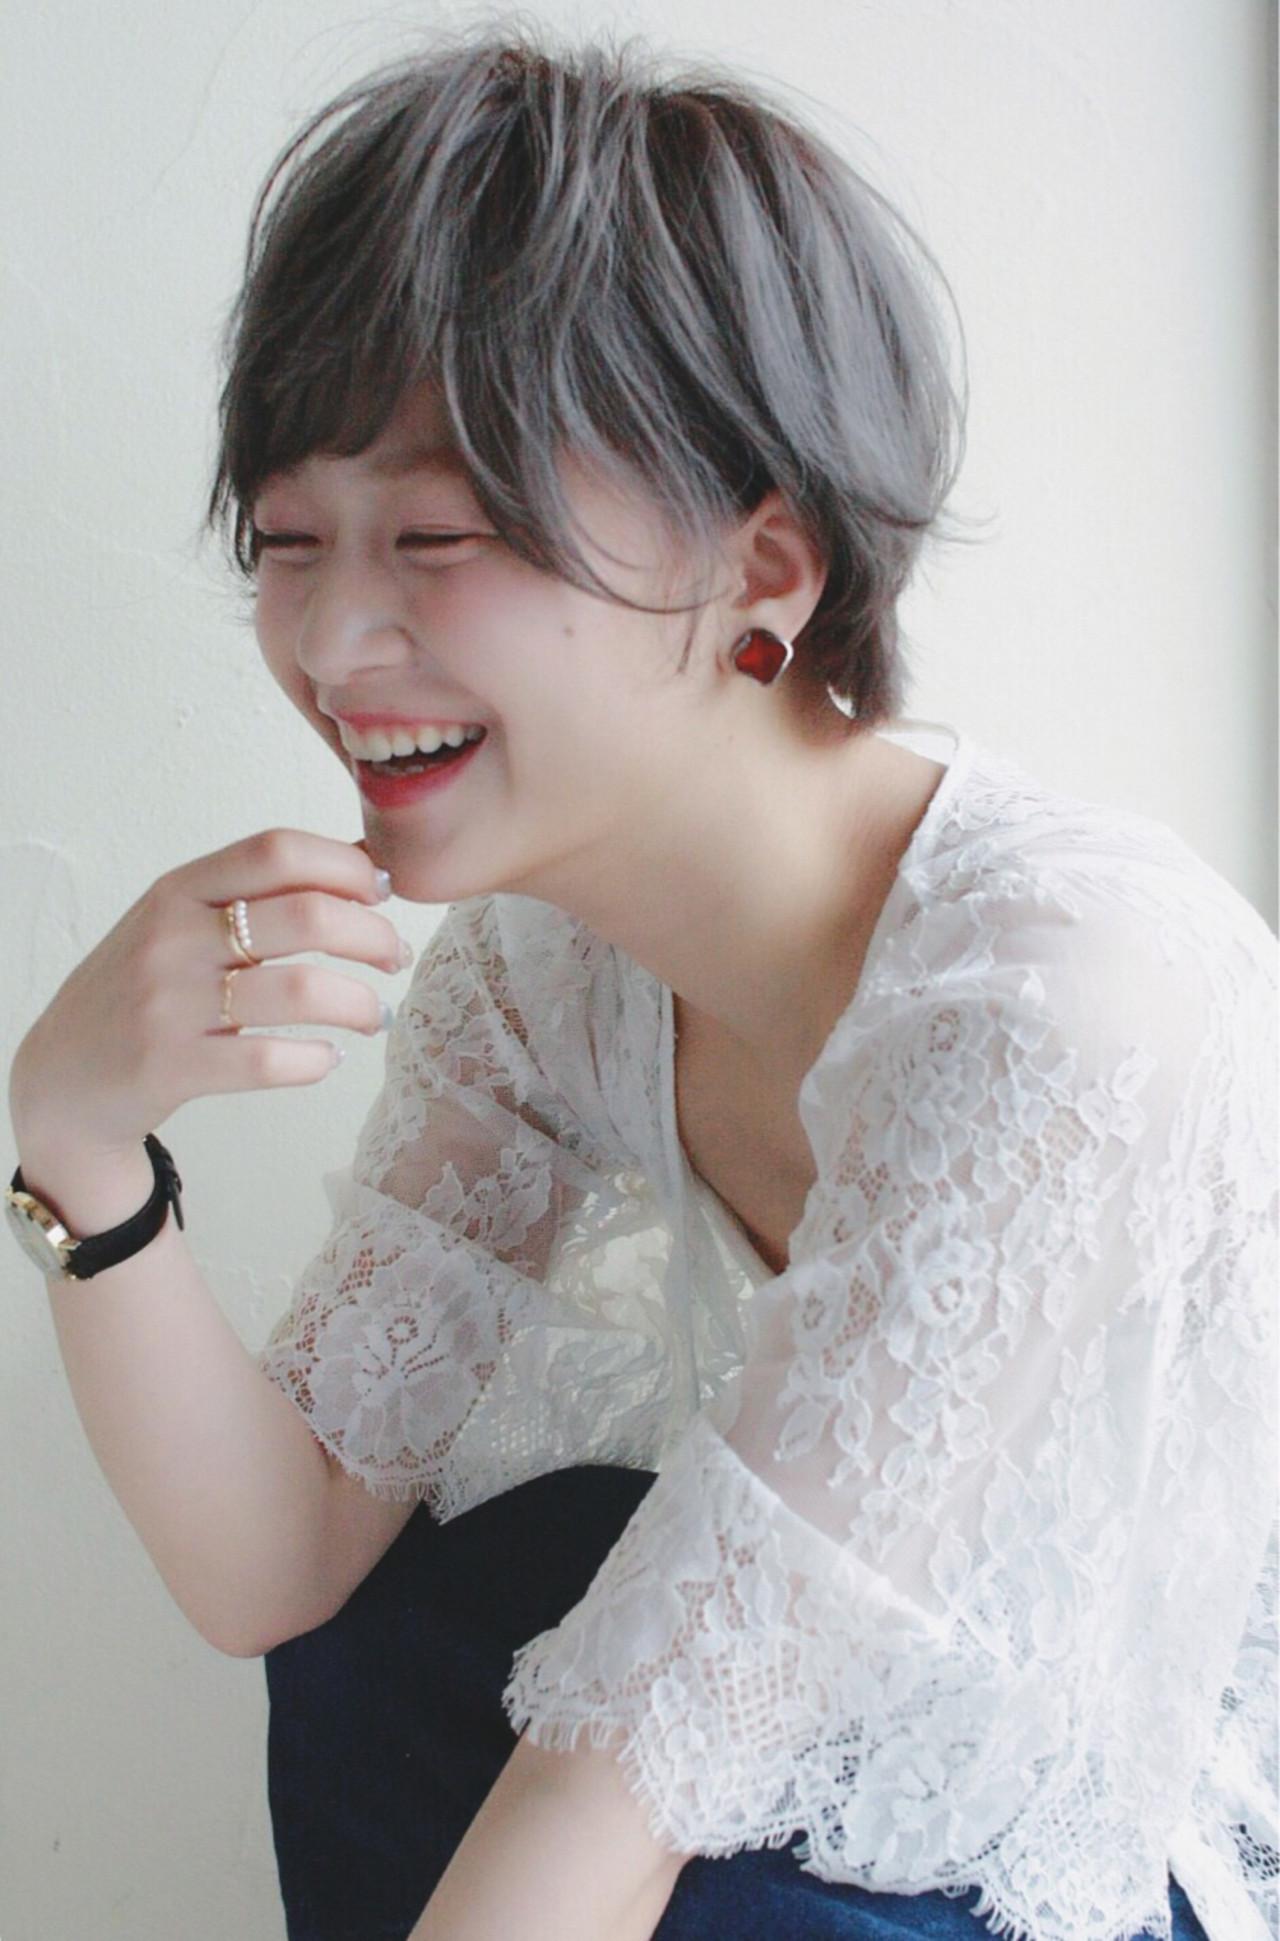 アッシュ グレーアッシュ ハイトーン ナチュラル ヘアスタイルや髪型の写真・画像 | Mirai / enntaku